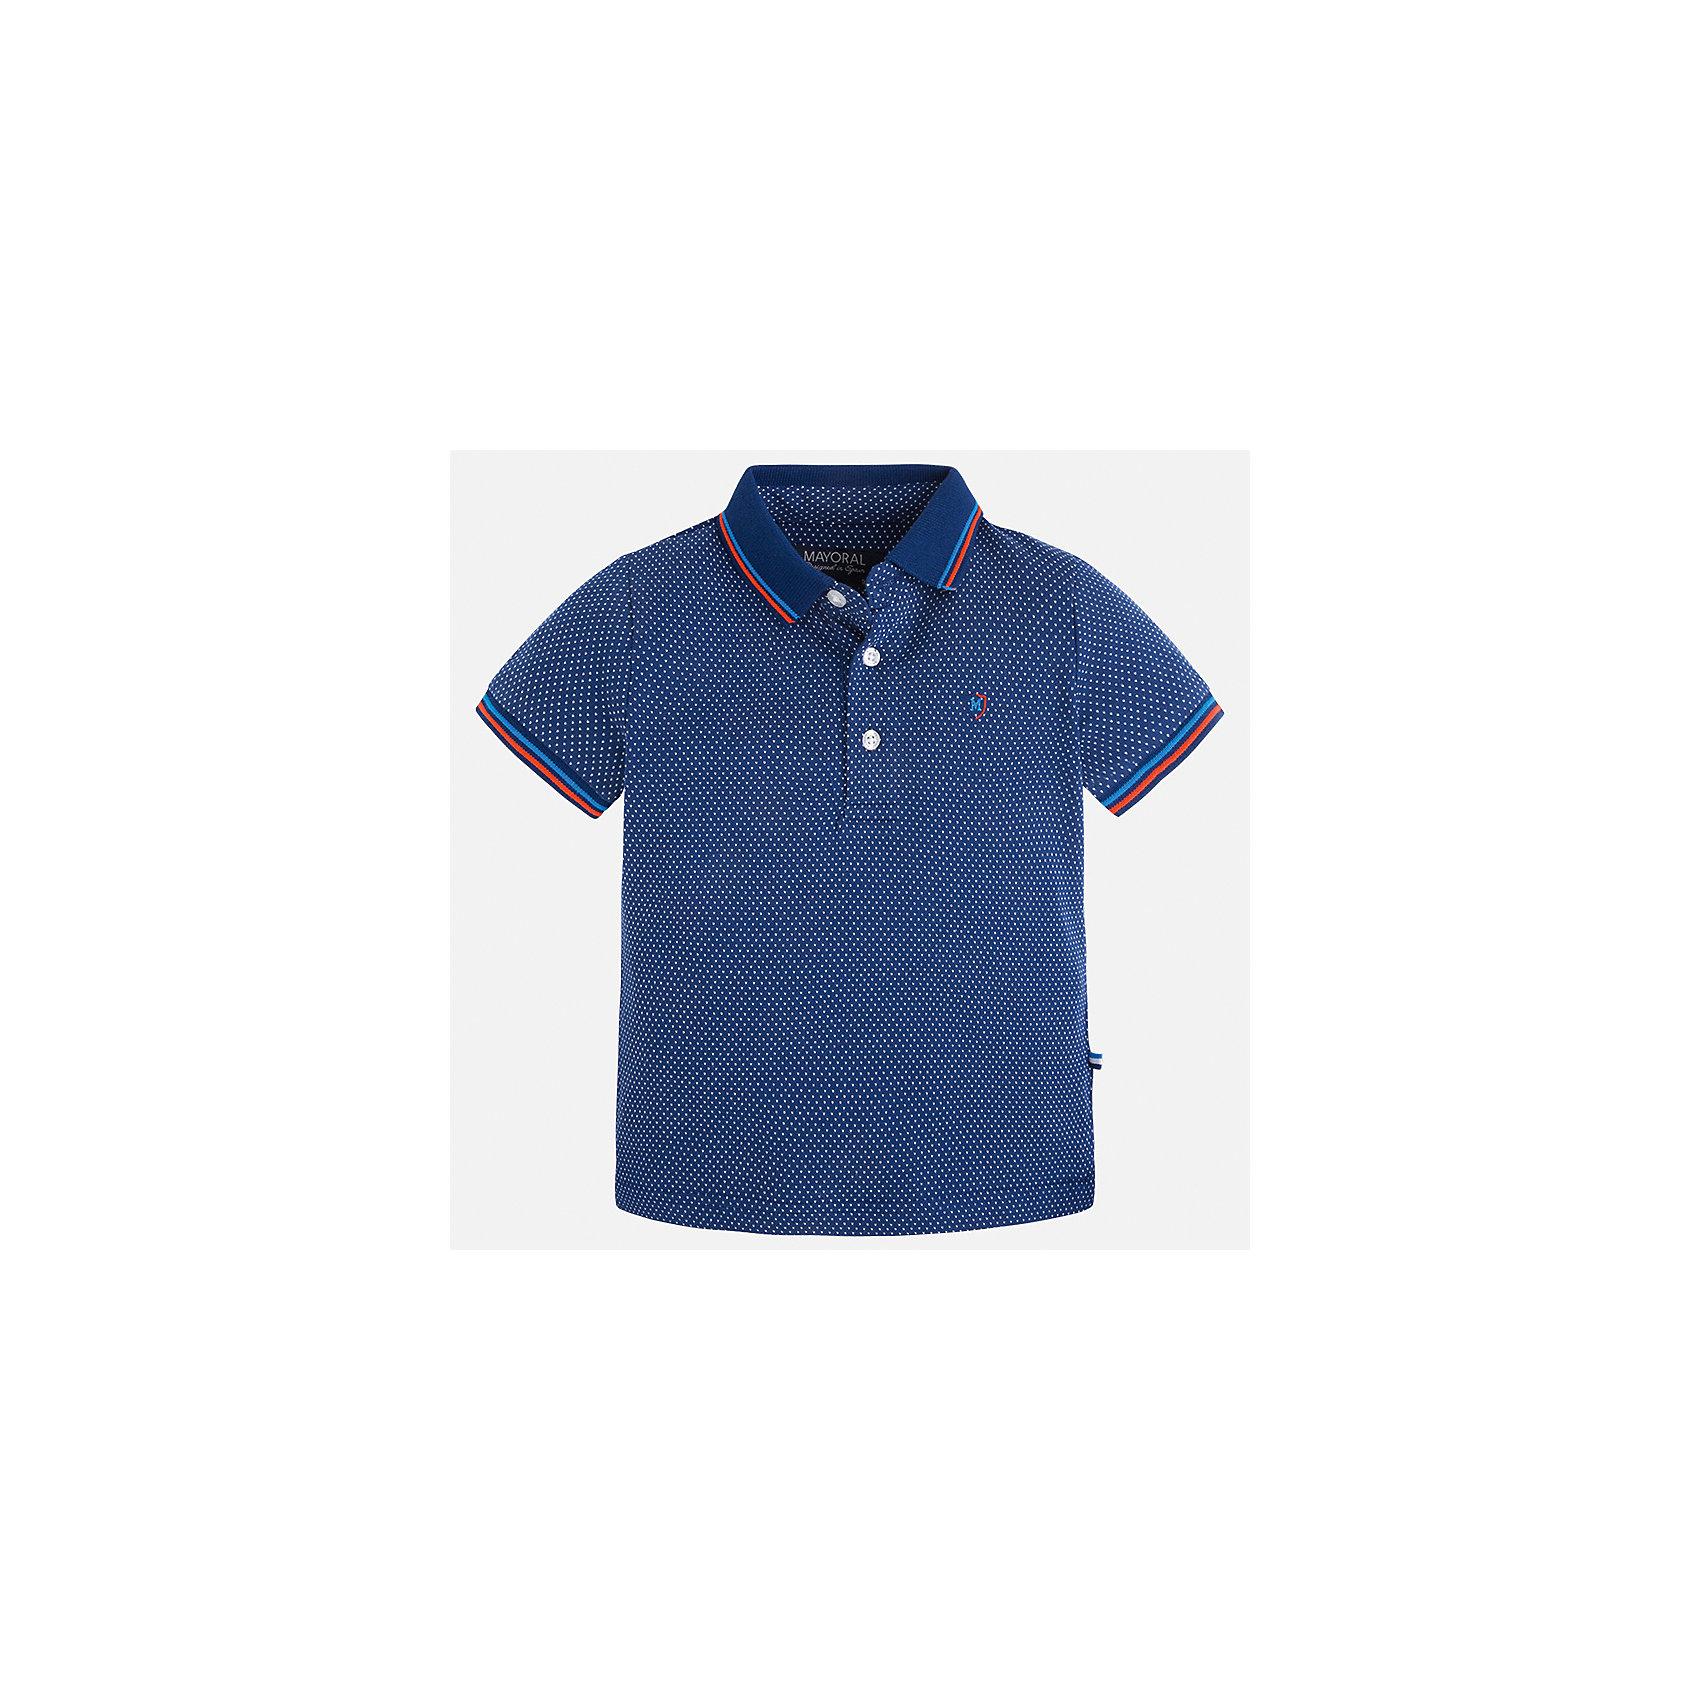 Футболка-поло для мальчика MayoralФутболки, поло и топы<br>Характеристики товара:<br><br>• цвет: синий<br>• состав: 100% хлопок<br>• отложной воротник<br>• короткие рукава<br>• застежка: пуговицы<br>• декорирована вышивкой<br>• страна бренда: Испания<br><br>Модная футболка-поло для мальчика может стать базовой вещью в гардеробе ребенка. Она отлично сочетается с брюками, шортами, джинсами и т.д. Универсальный крой и цвет позволяет подобрать к вещи низ разных расцветок. Практичное и стильное изделие! В составе материала - только натуральный хлопок, гипоаллергенный, приятный на ощупь, дышащий.<br><br>Одежда, обувь и аксессуары от испанского бренда Mayoral полюбились детям и взрослым по всему миру. Модели этой марки - стильные и удобные. Для их производства используются только безопасные, качественные материалы и фурнитура. Порадуйте ребенка модными и красивыми вещами от Mayoral! <br><br>Футболку-поло для мальчика от испанского бренда Mayoral (Майорал) можно купить в нашем интернет-магазине.<br><br>Ширина мм: 199<br>Глубина мм: 10<br>Высота мм: 161<br>Вес г: 151<br>Цвет: синий<br>Возраст от месяцев: 48<br>Возраст до месяцев: 60<br>Пол: Мужской<br>Возраст: Детский<br>Размер: 110,134,116,128,92,98,122,104<br>SKU: 5271868